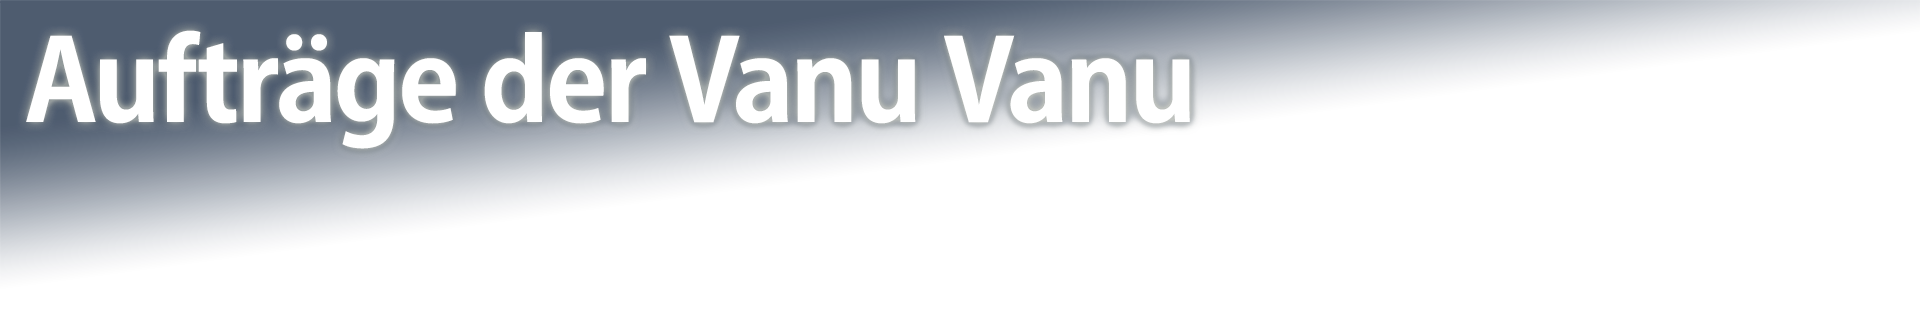 Aufträge der Vanu Vanu